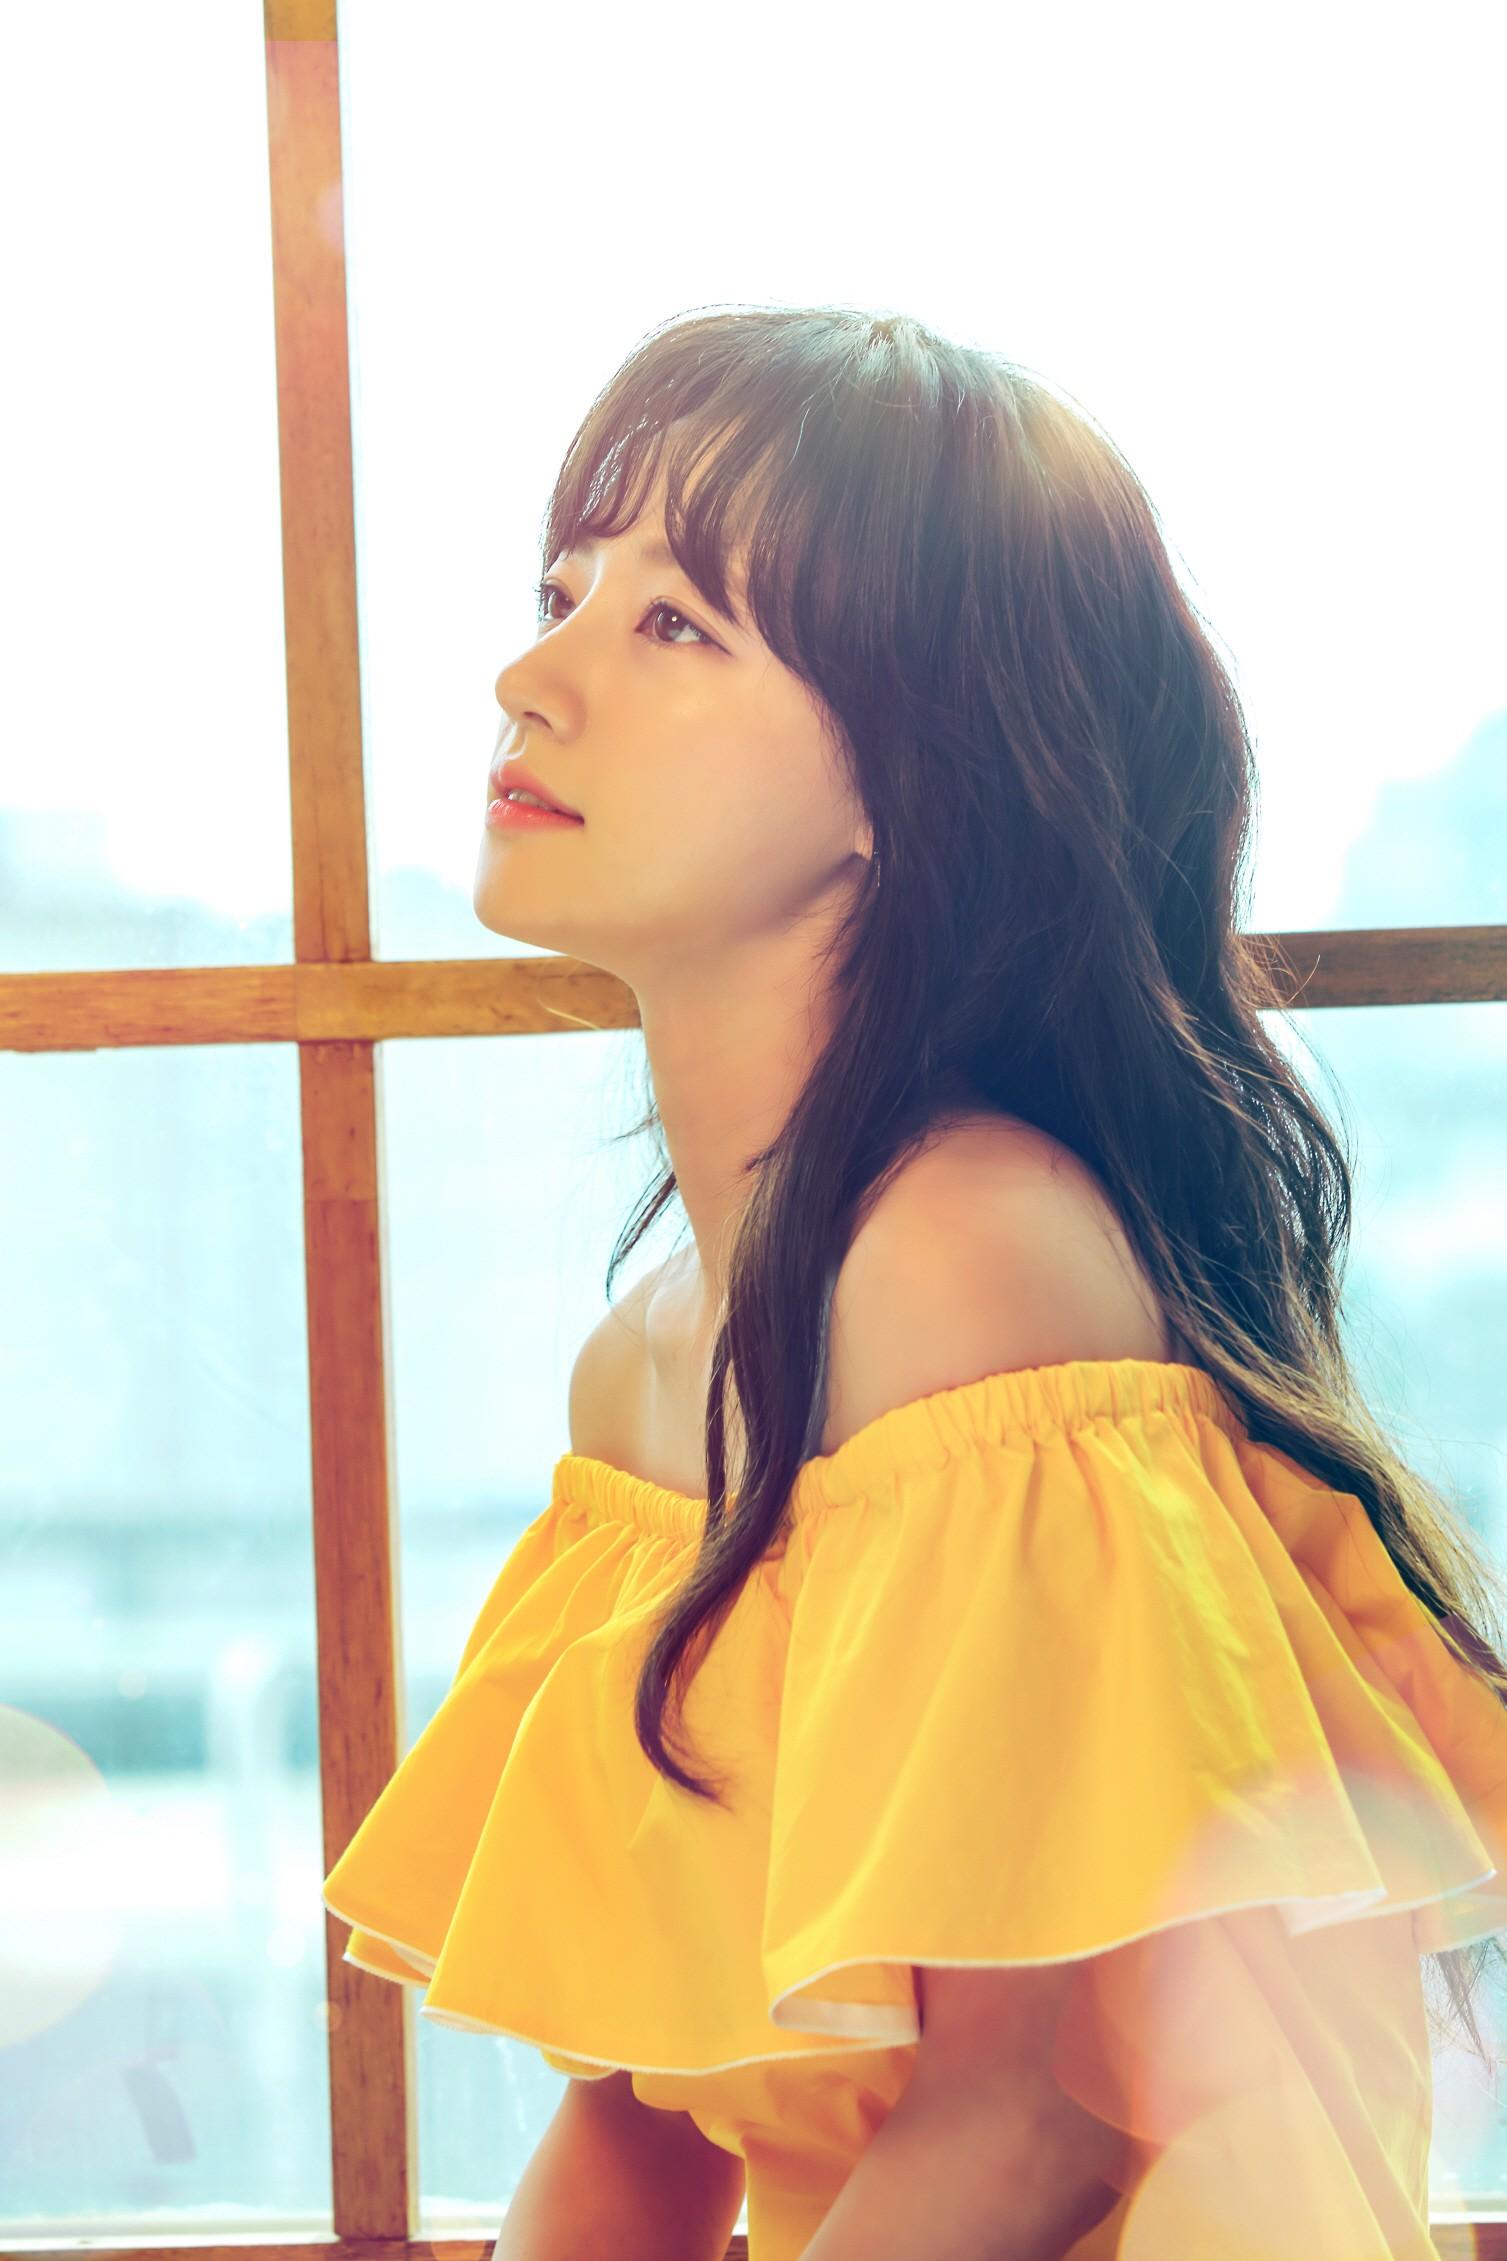 12 phim truyền hình Hàn ồ ạt lên sóng, hứa hẹn tháng 9 này dân tình cày phim sấp mặt (Phần 1) - Ảnh 4.